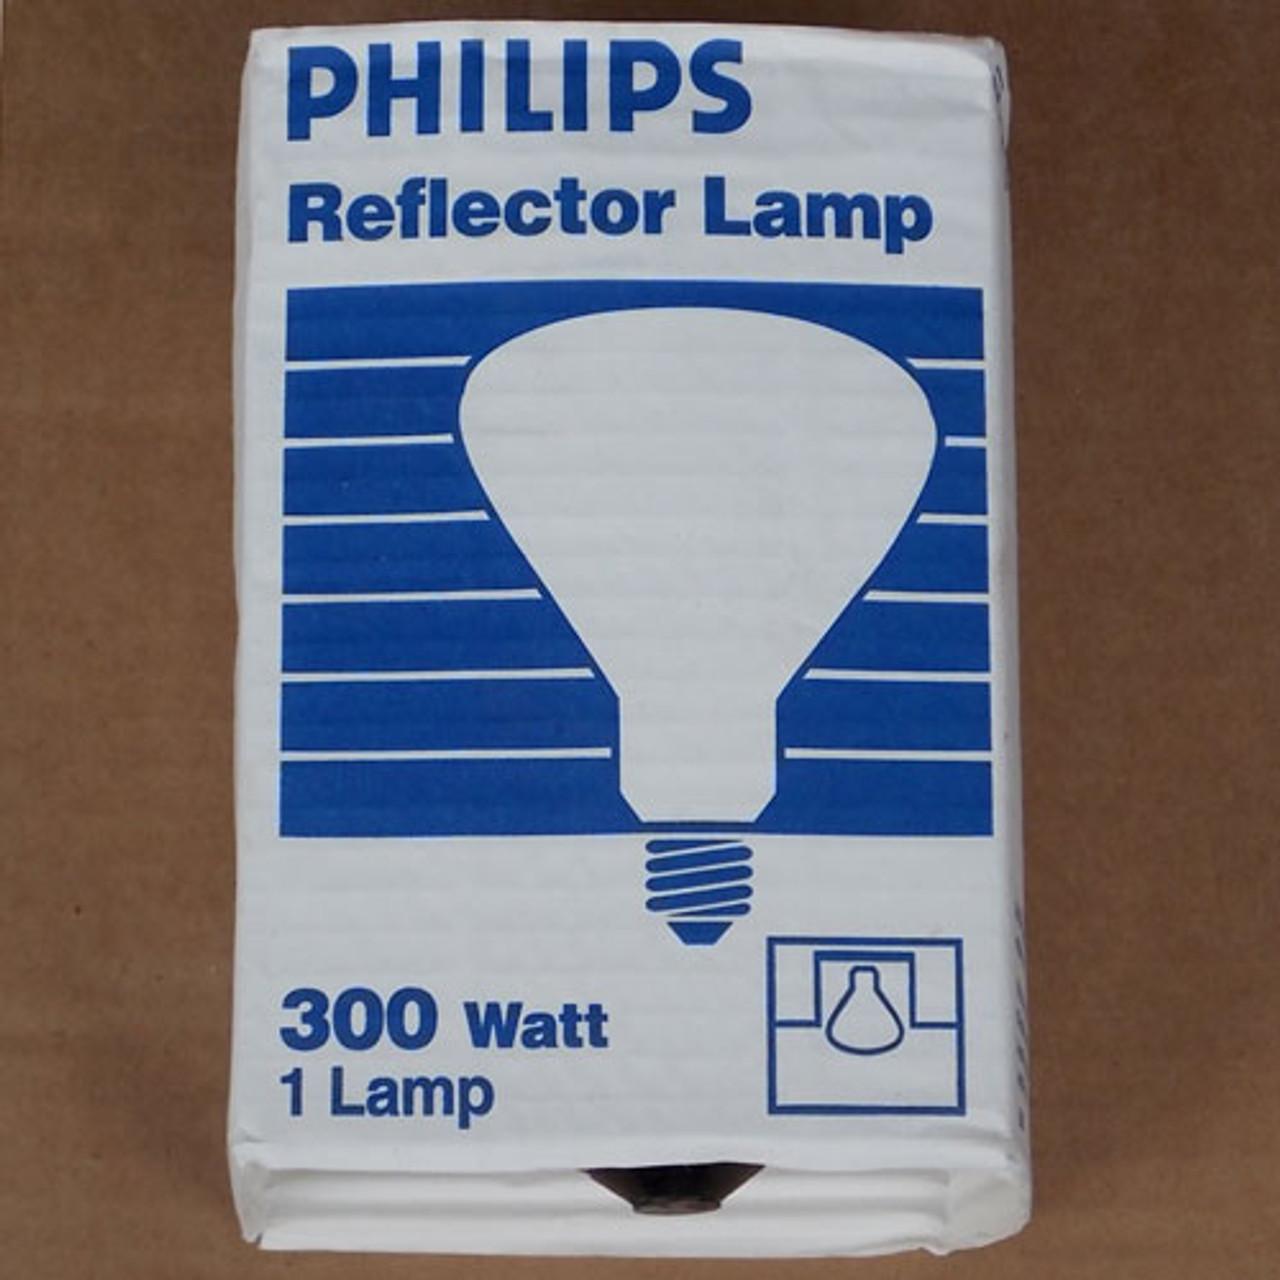 Philips 300R/3FL R40 Reflector Lamp 300W 250V Mogul Base